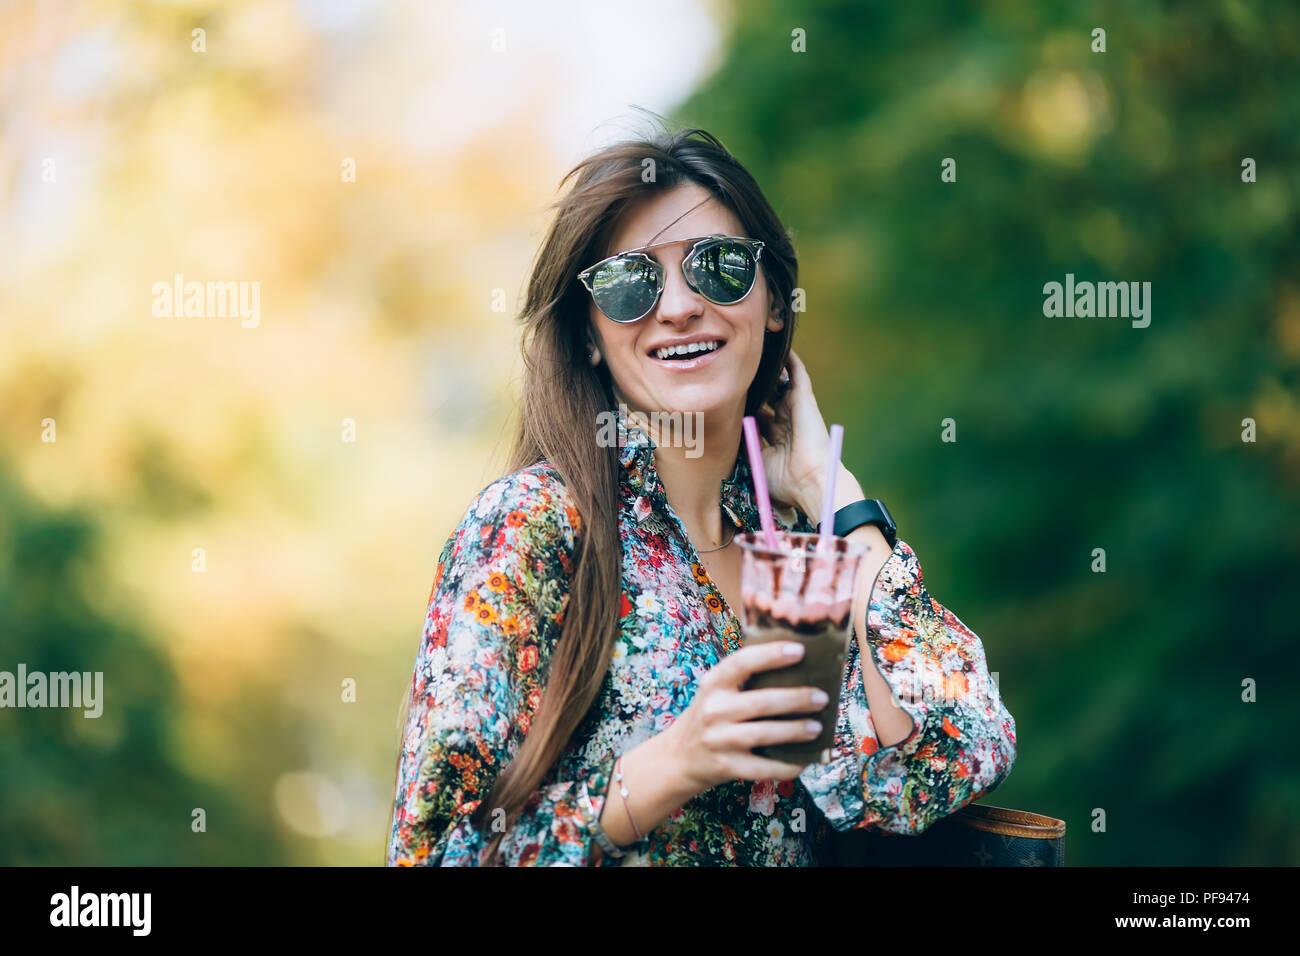 Junge Frau mit Sonnenbrille mit milchshake. Outdoor Herbst lifestyle Portrait von ziemlich lächelnd weibliche. Stockbild